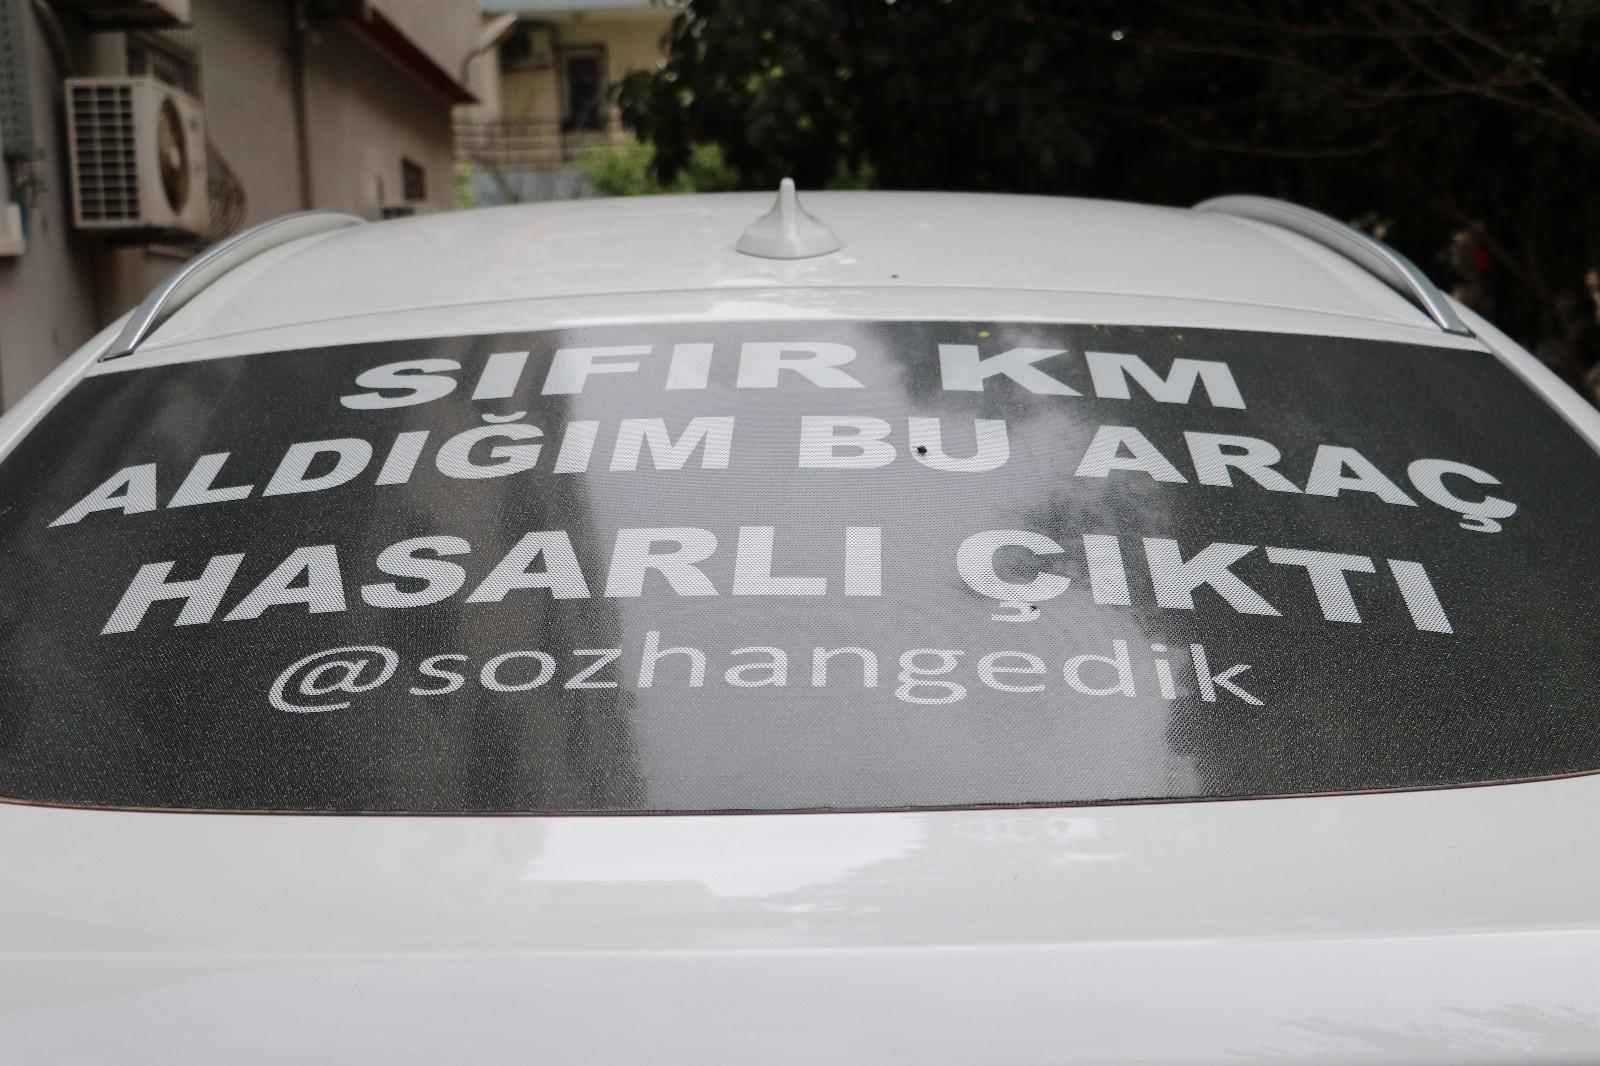 2021/04/hasarli-cikti-yazisiyla-turkiyeyi-dolasiyor-20210409AW29-7.jpg